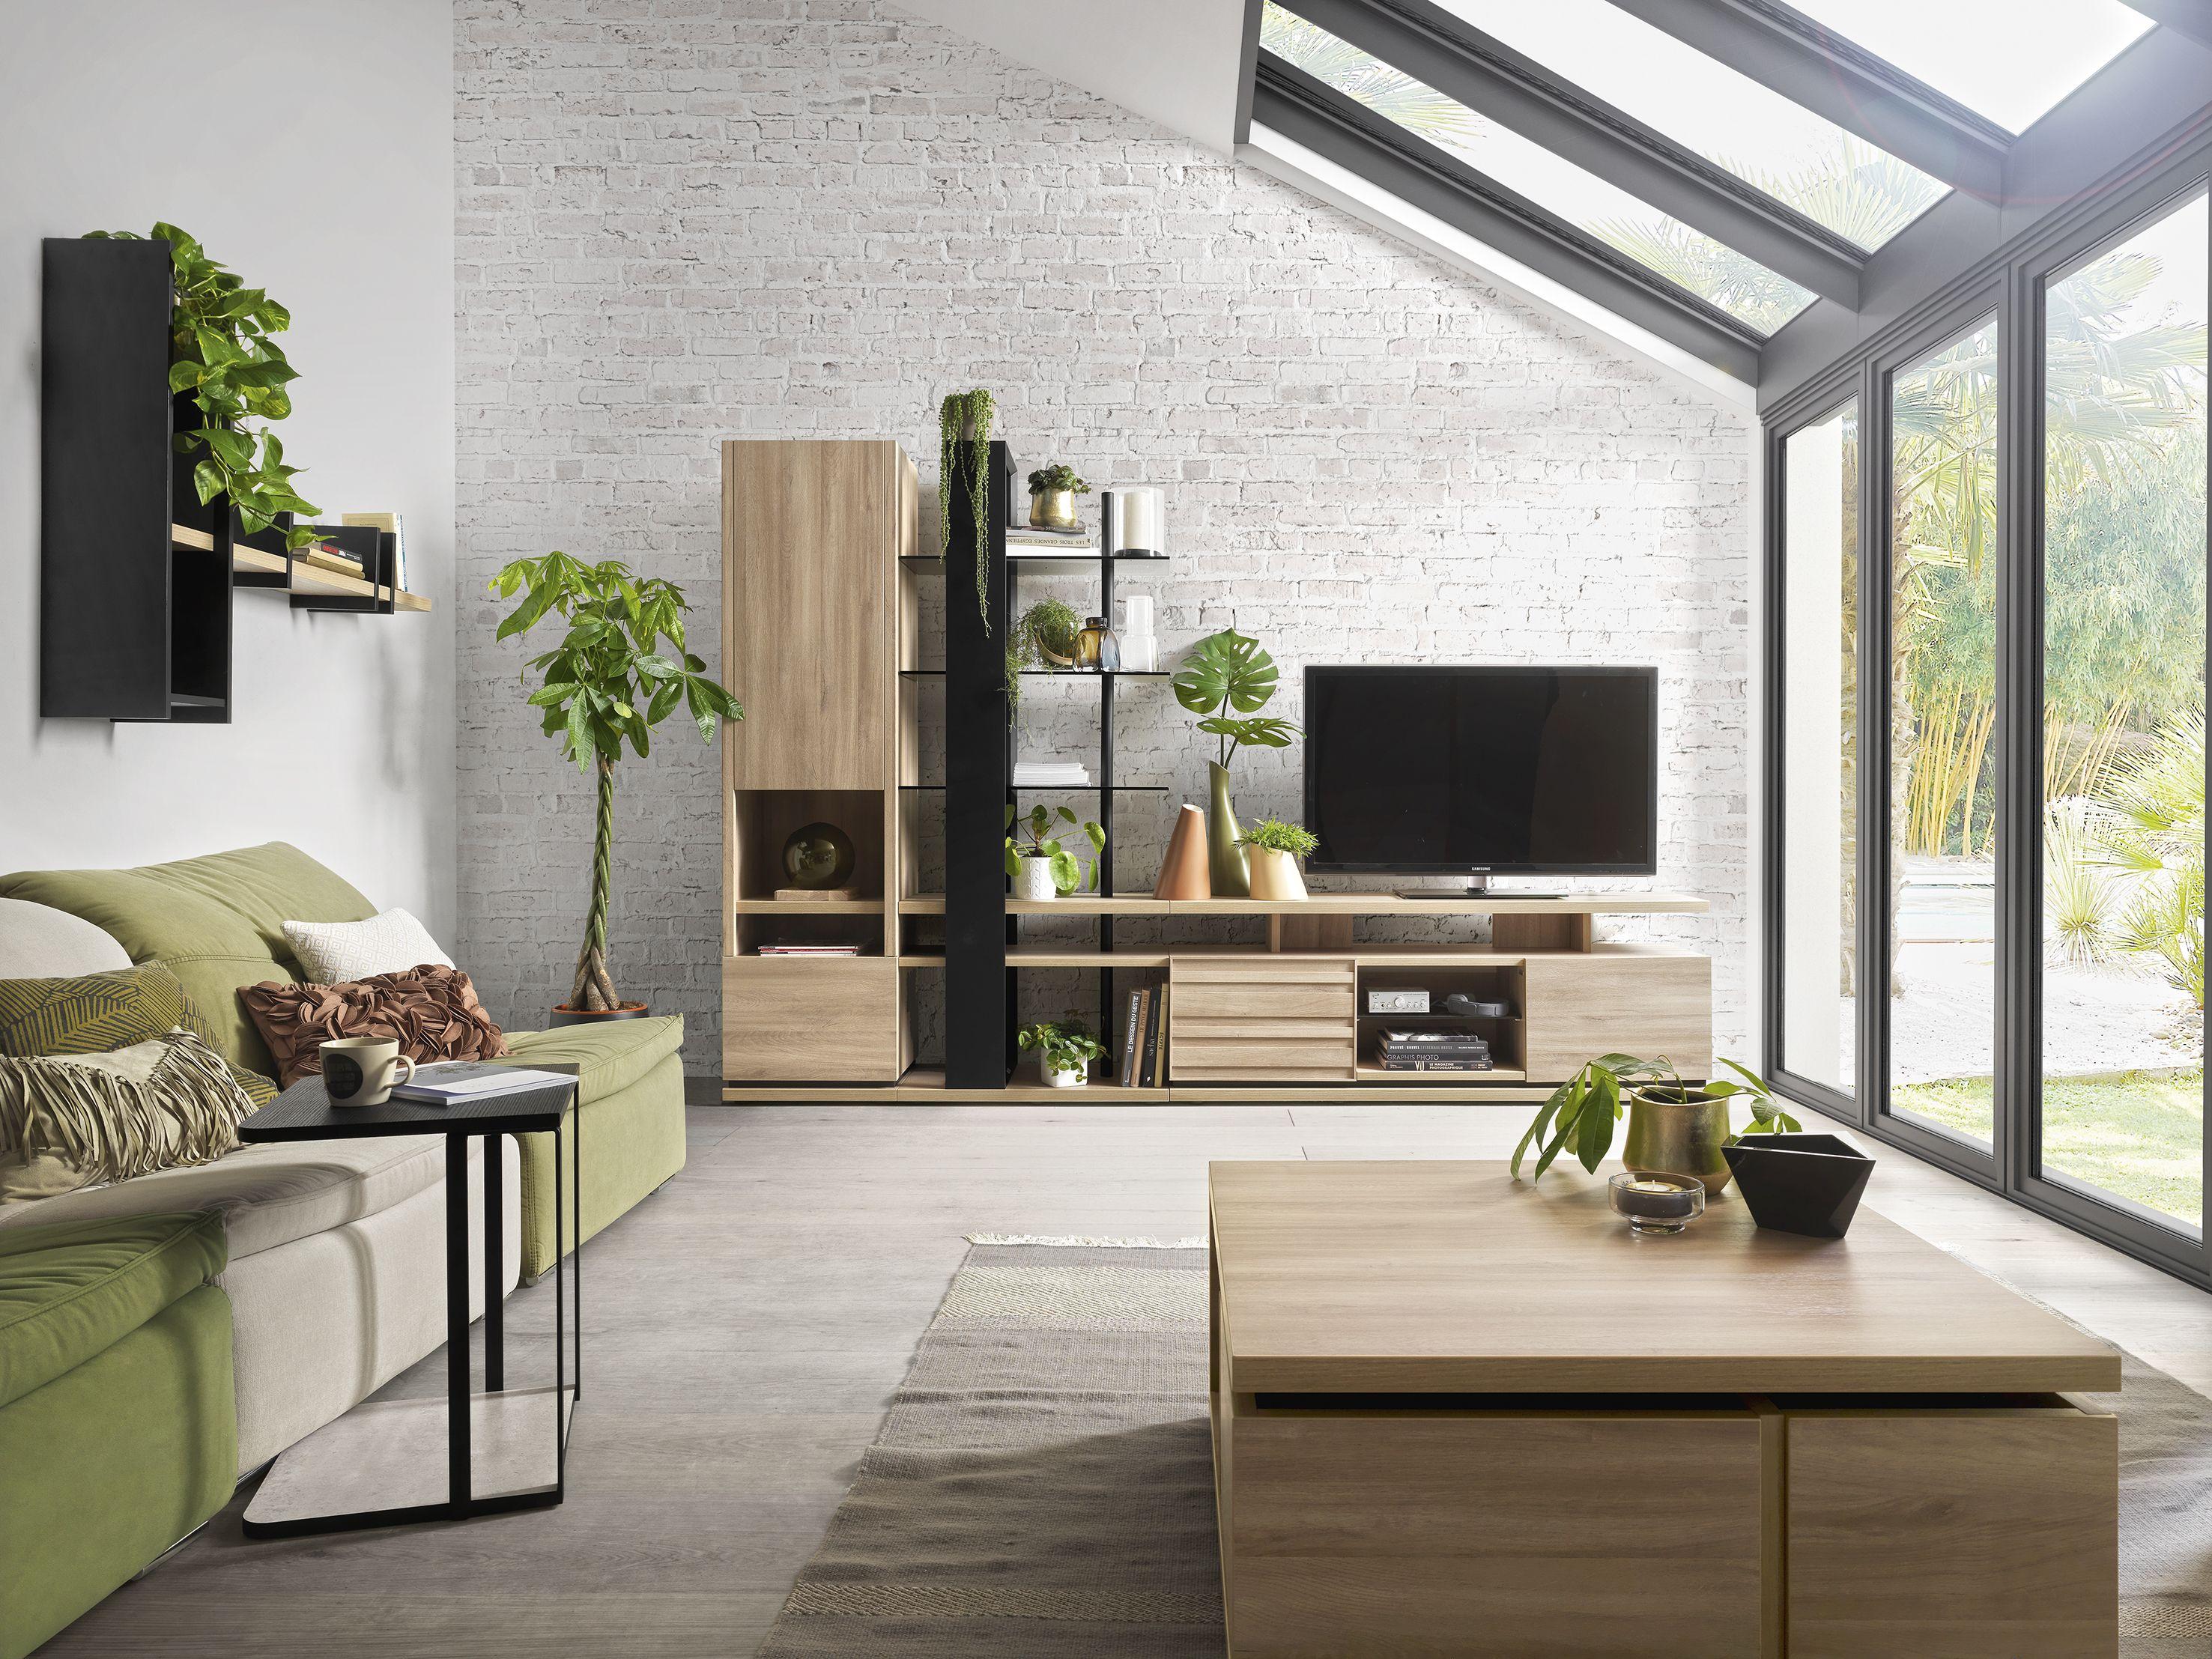 Natura Living Room Decor On A Budget Home Deco Living Room Designs